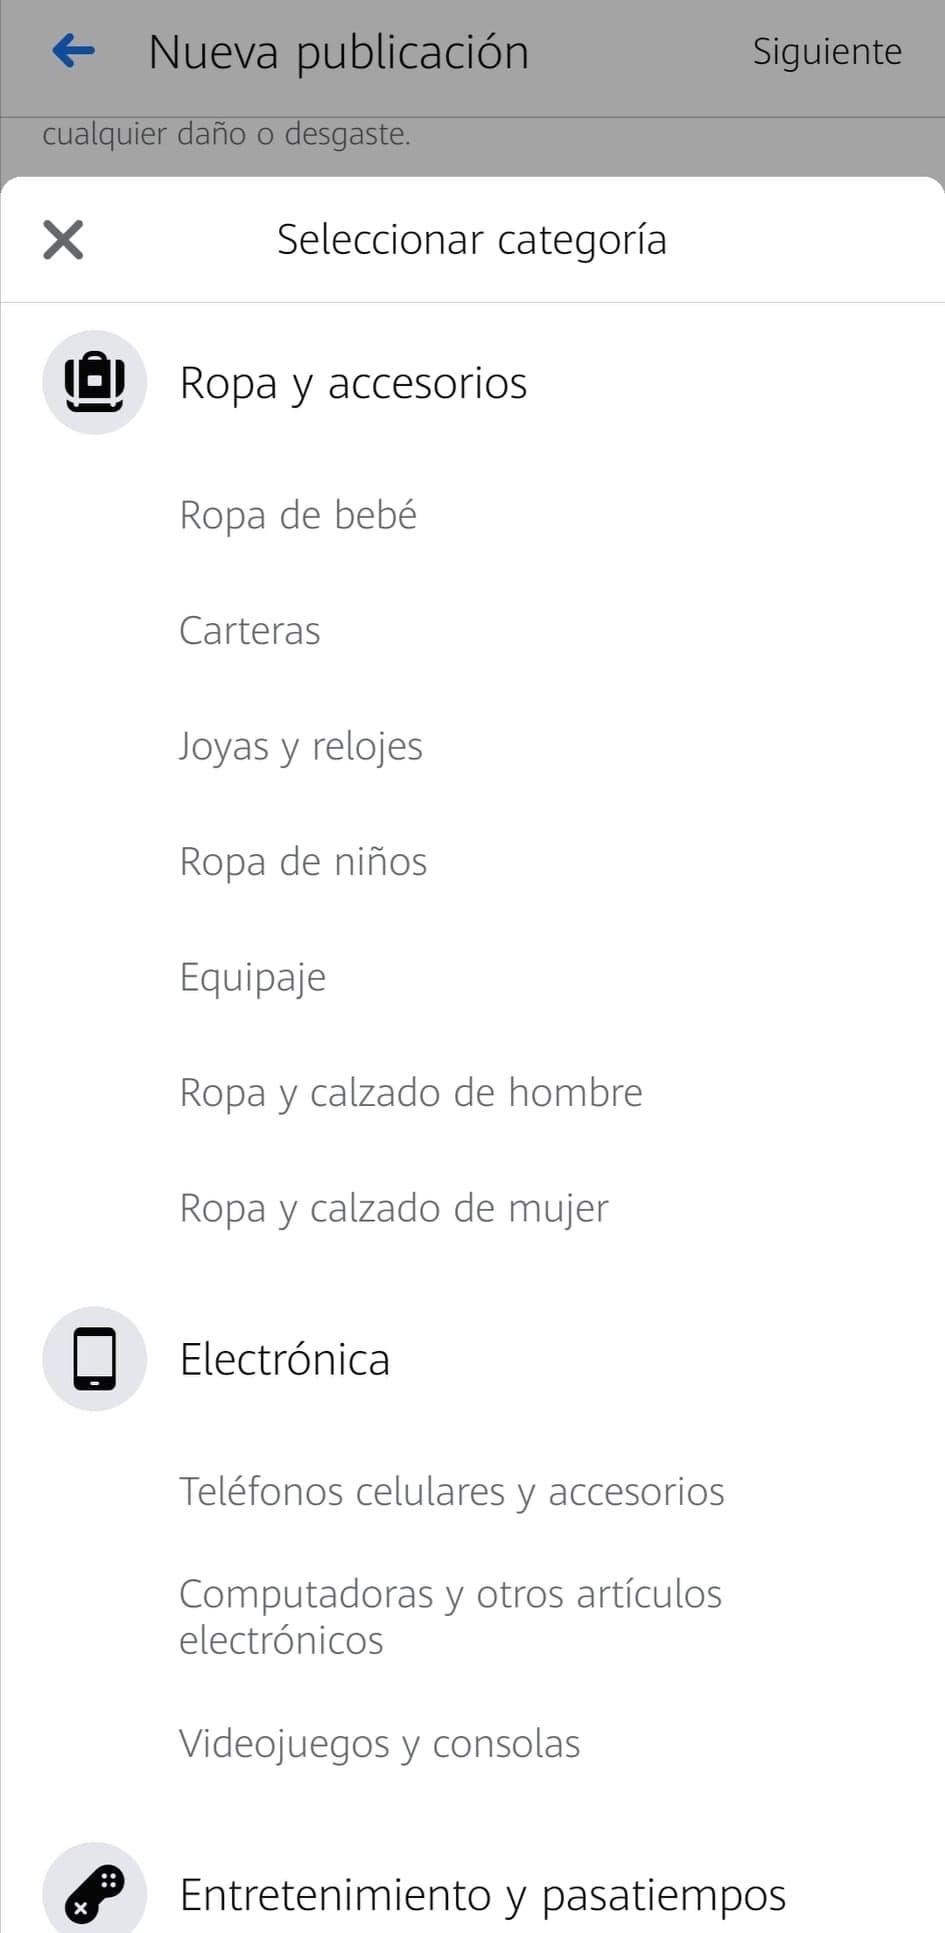 Categorías de producto en Marketplace de Facebook